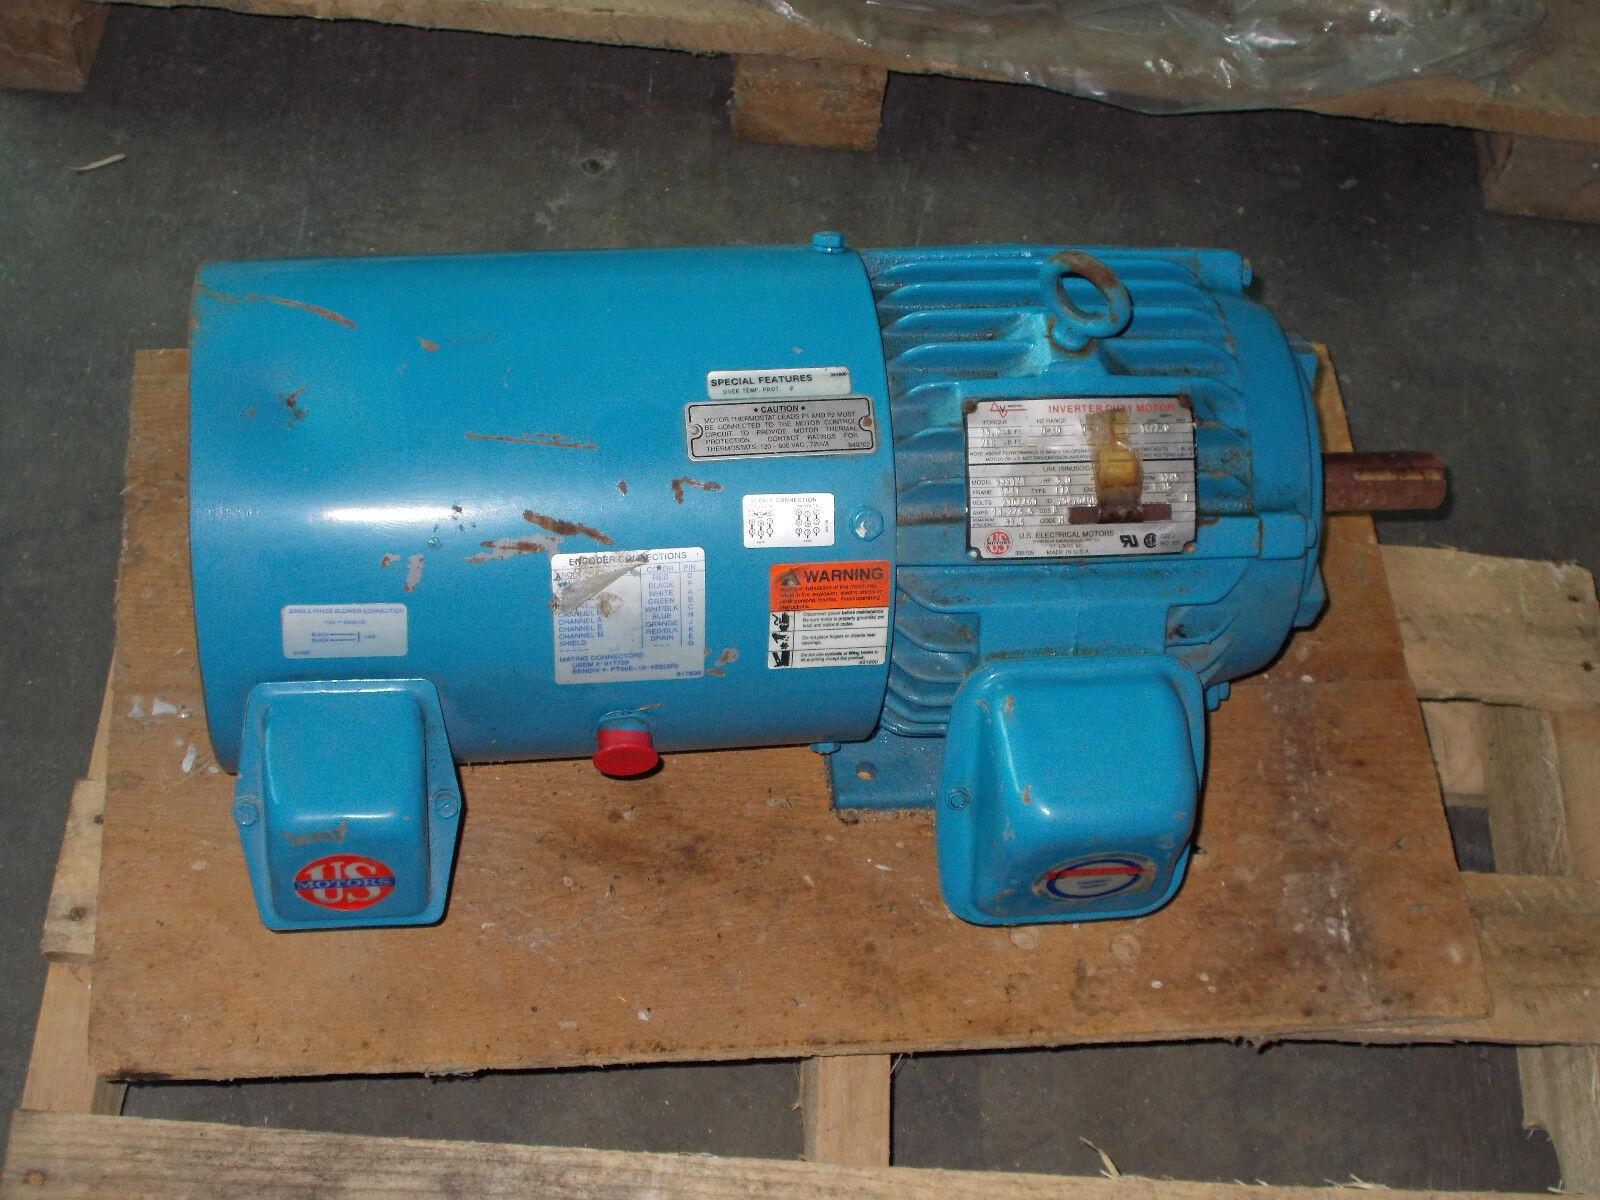 U.s. Motors 639174 FR 184t 5 HP VARIDYNE Inverter Duty Motor | eBay